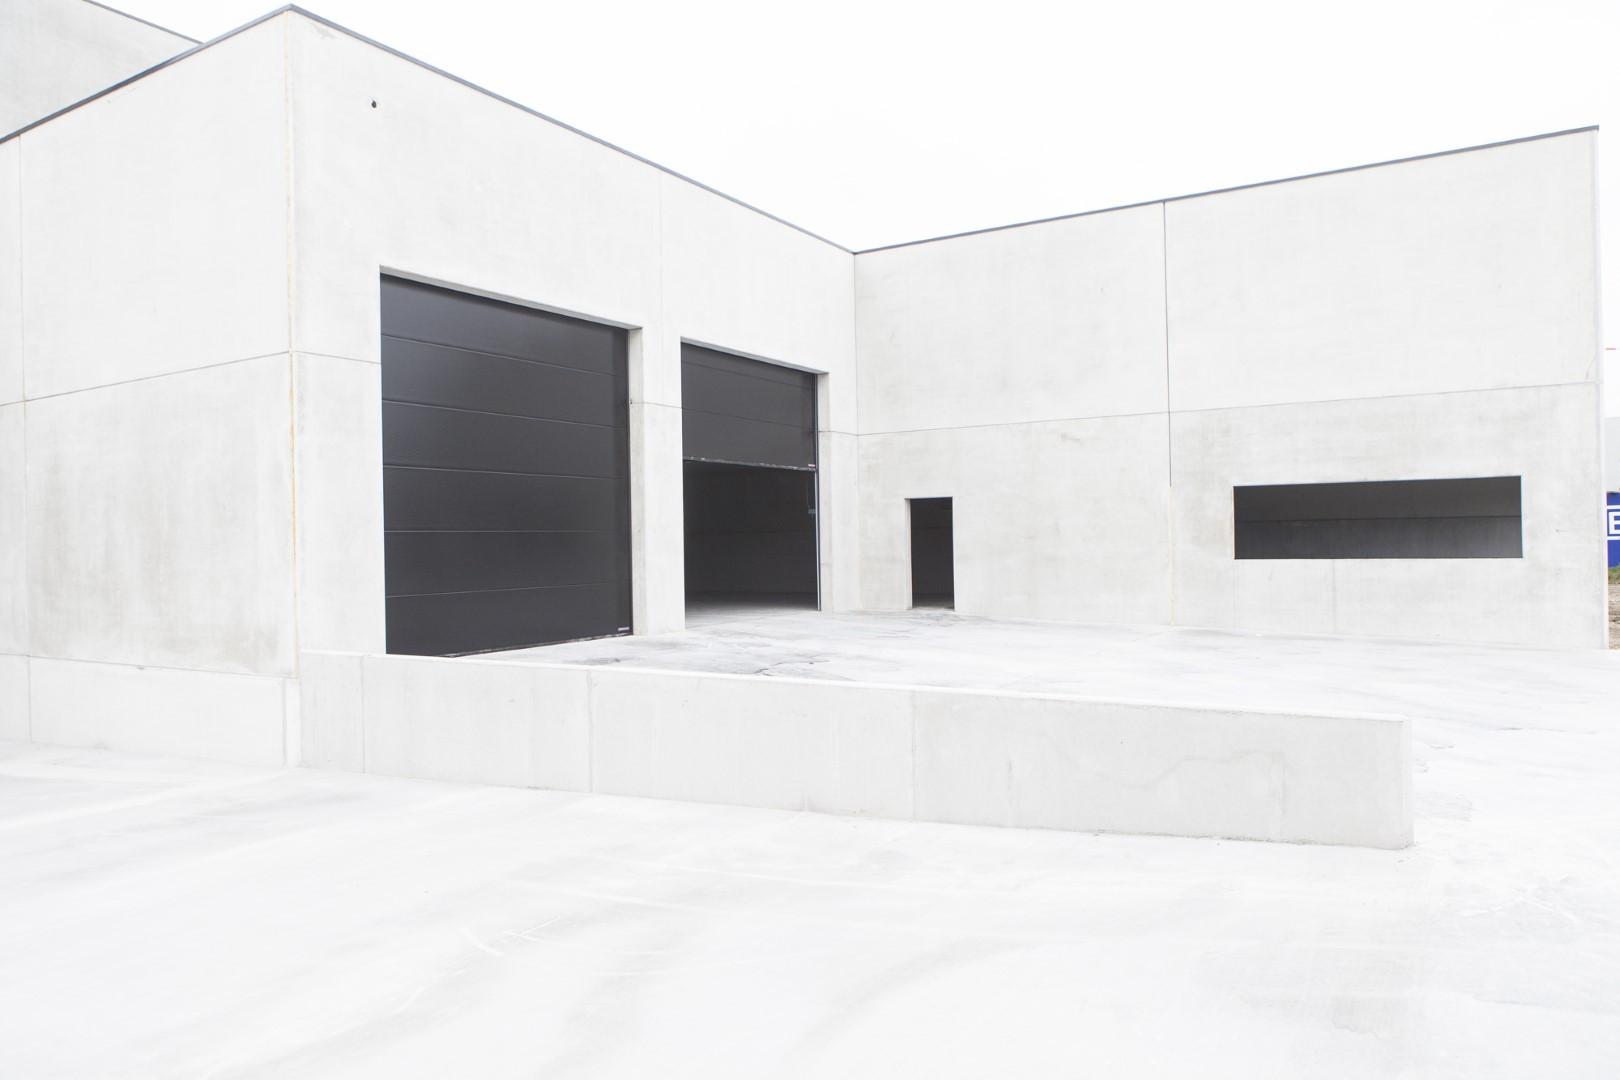 Altex_Sint Eloois Winkel_industriegebouw_werkplaats_atelier_toonzaal_burelen_woning (16).jpg